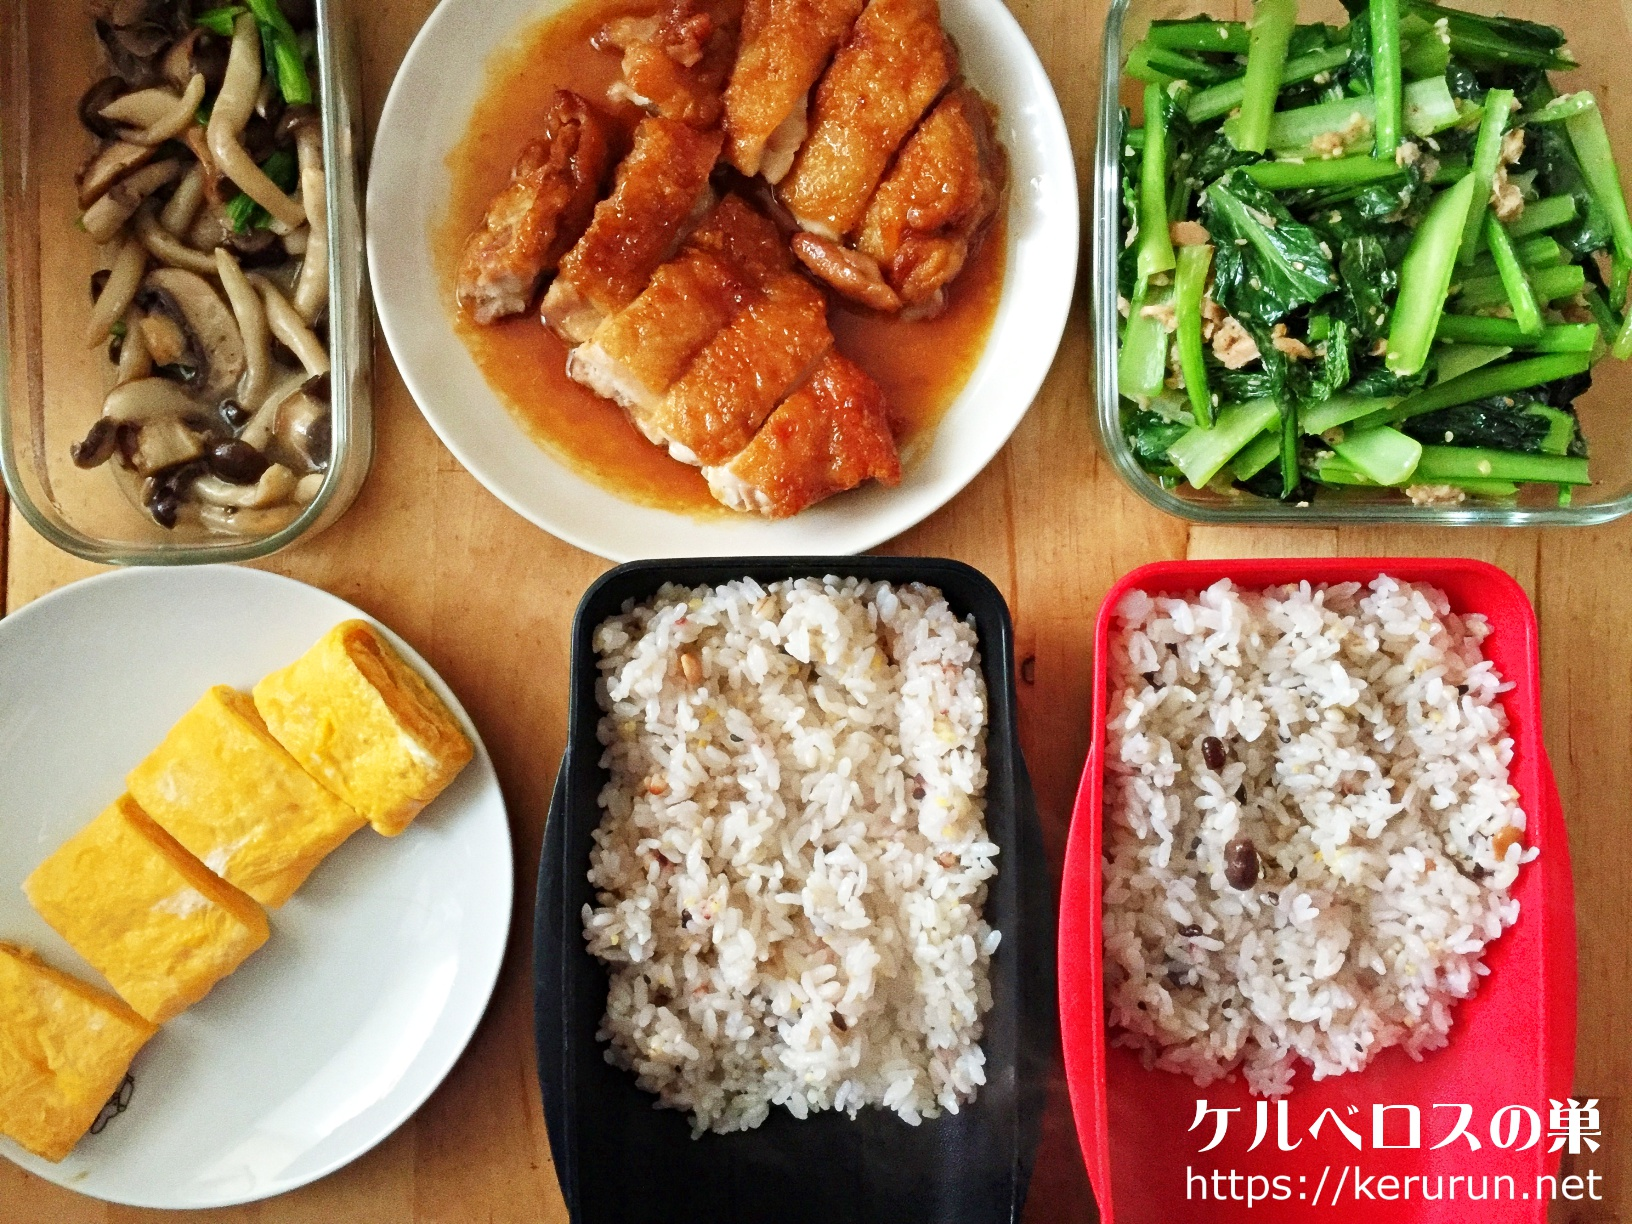 さくらどりで作る鶏もも肉の照り焼き弁当